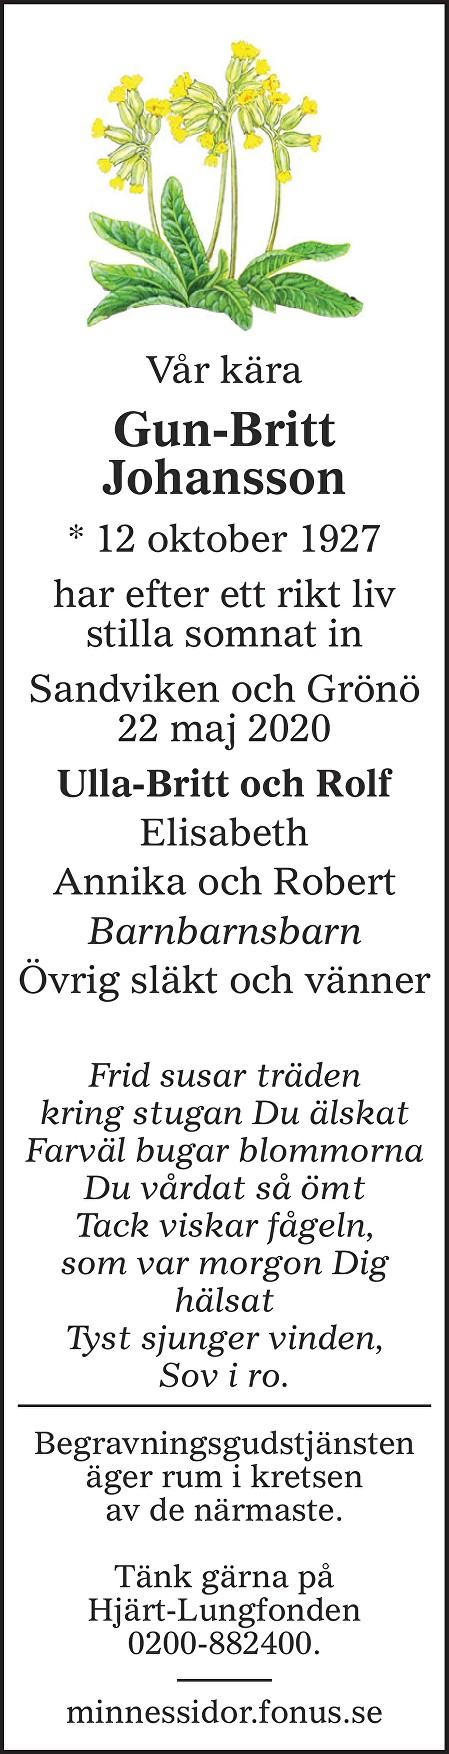 Gun-Britt Johansson Death notice